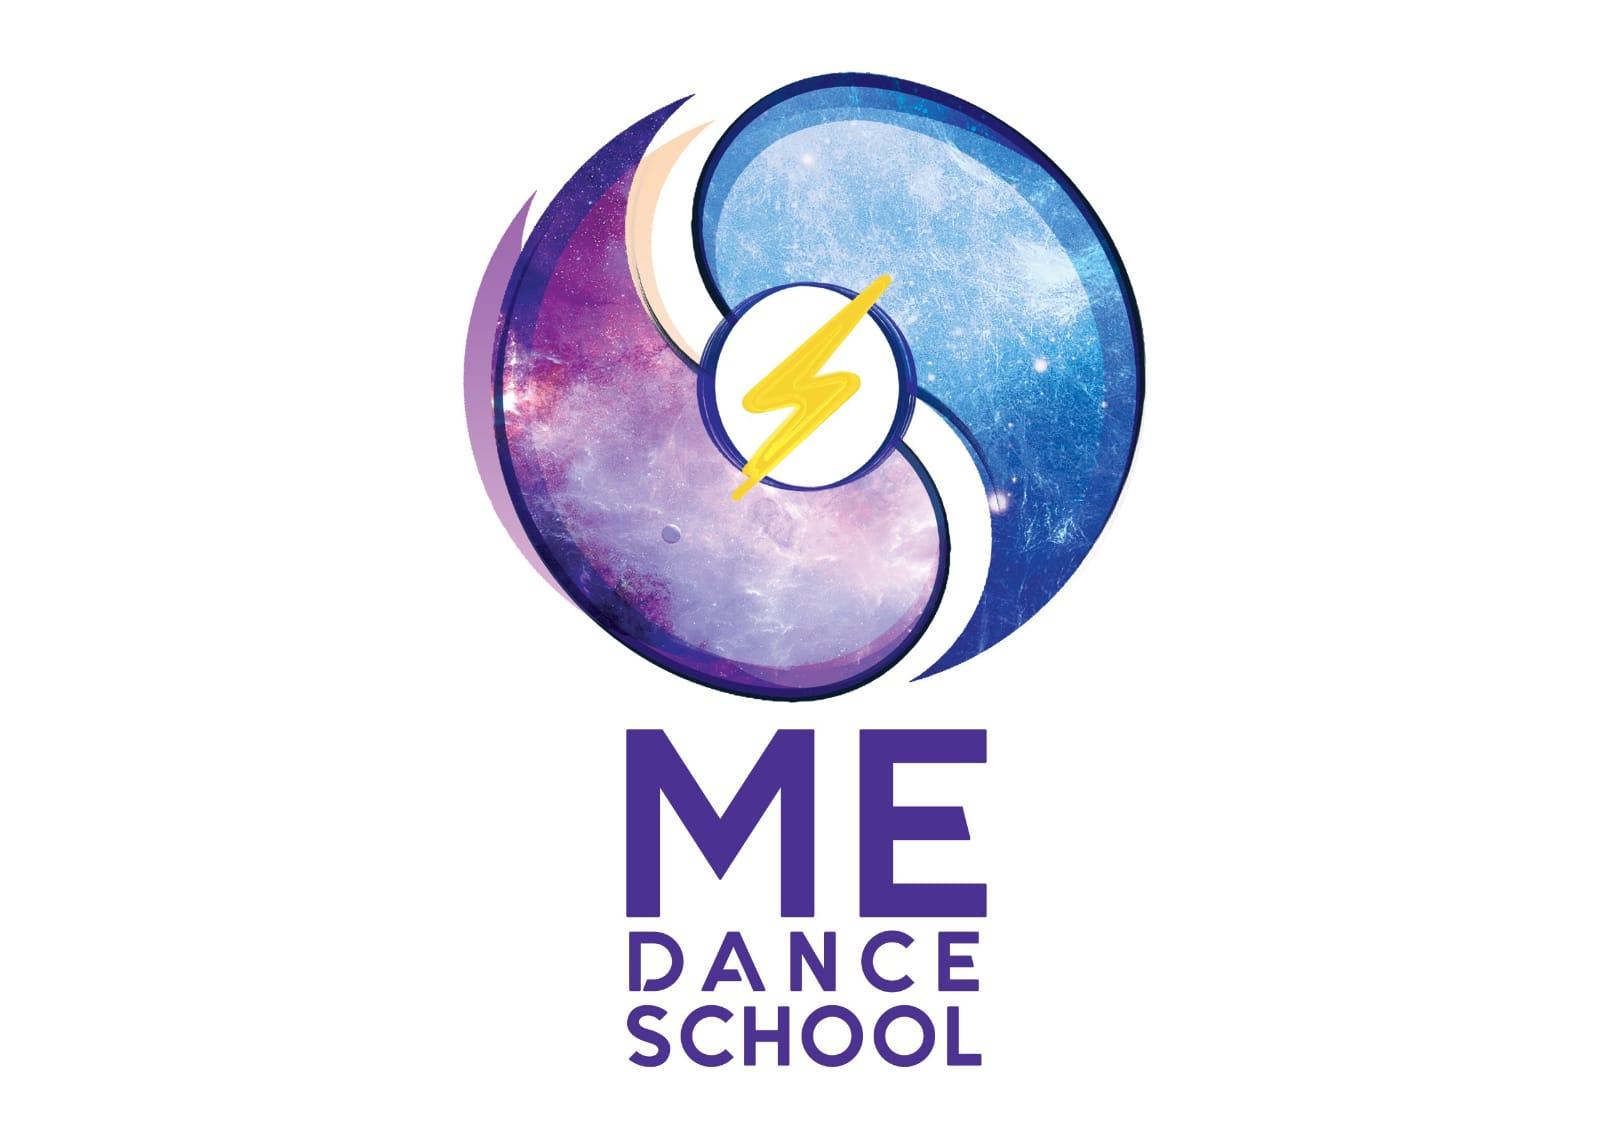 ME DANCE SCHOOL